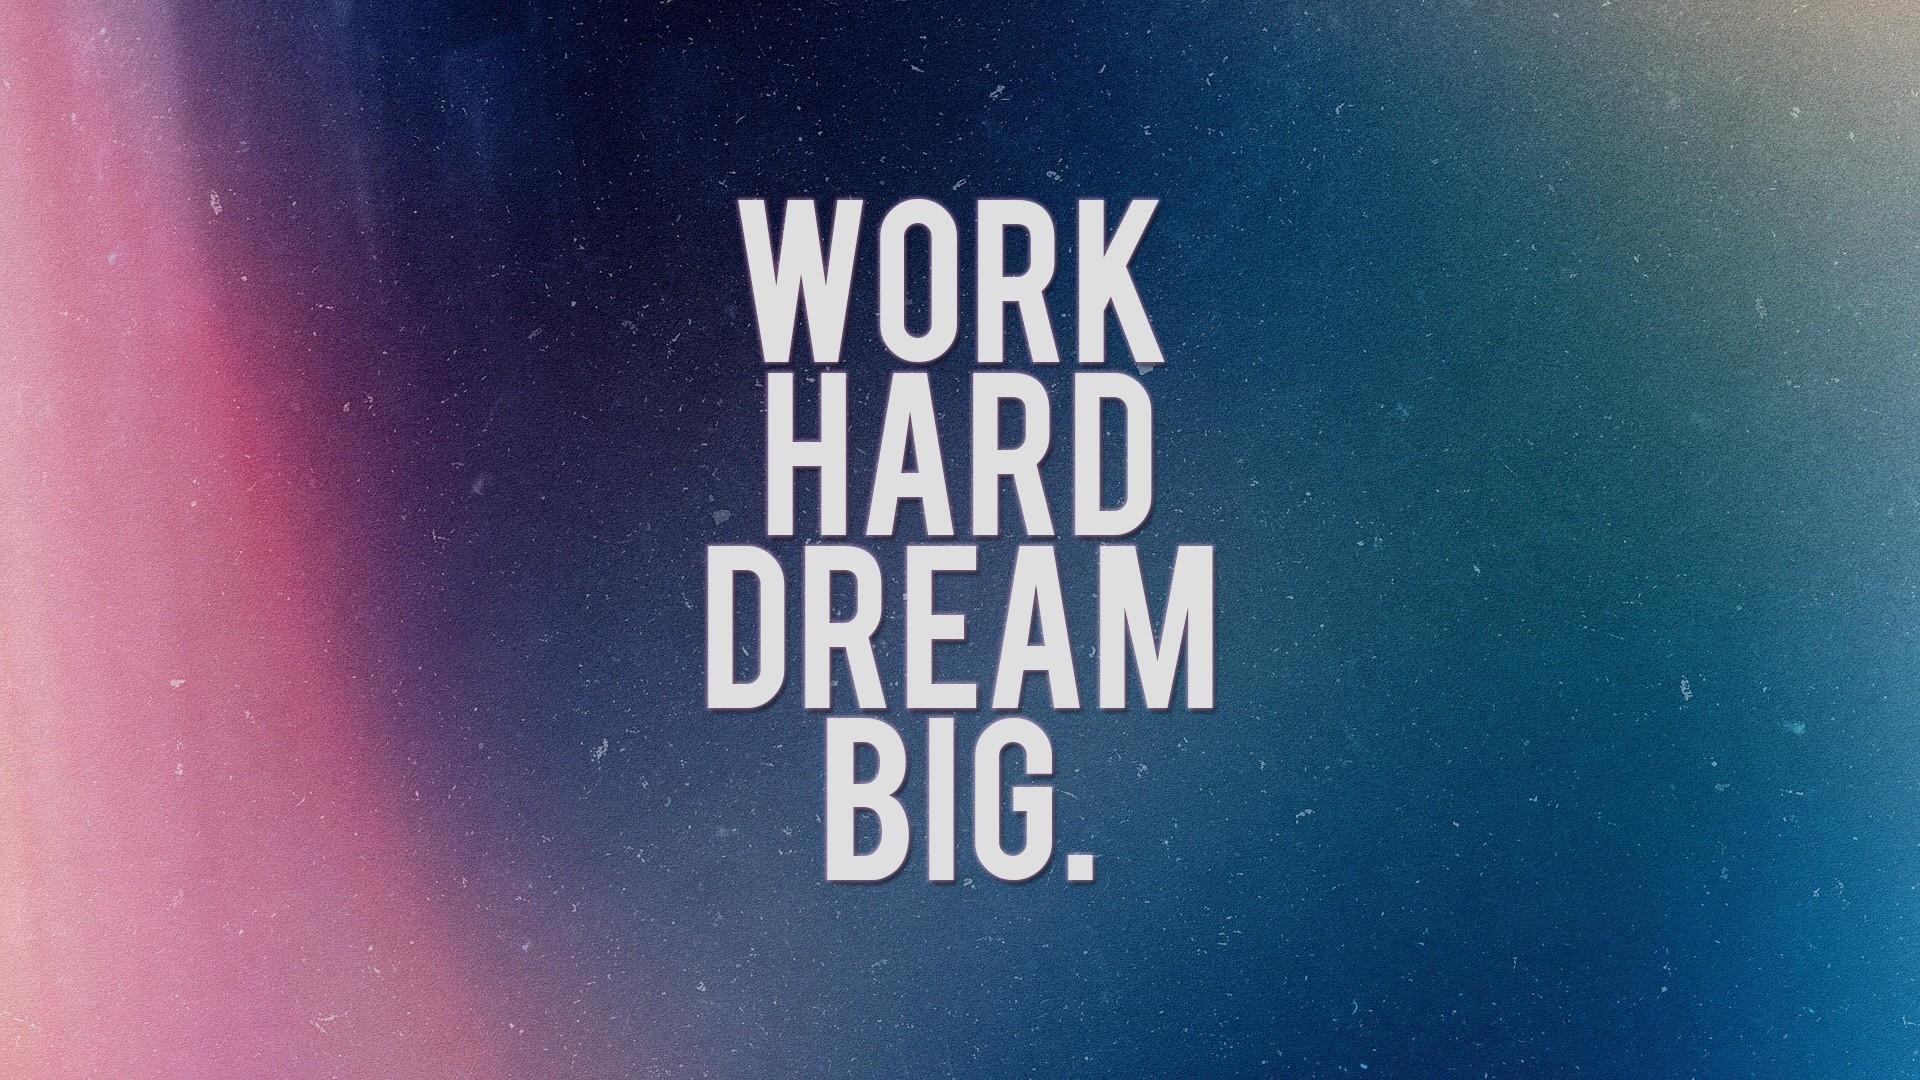 work hard dream big hd wallpaper | 1920x1080 | id:35587